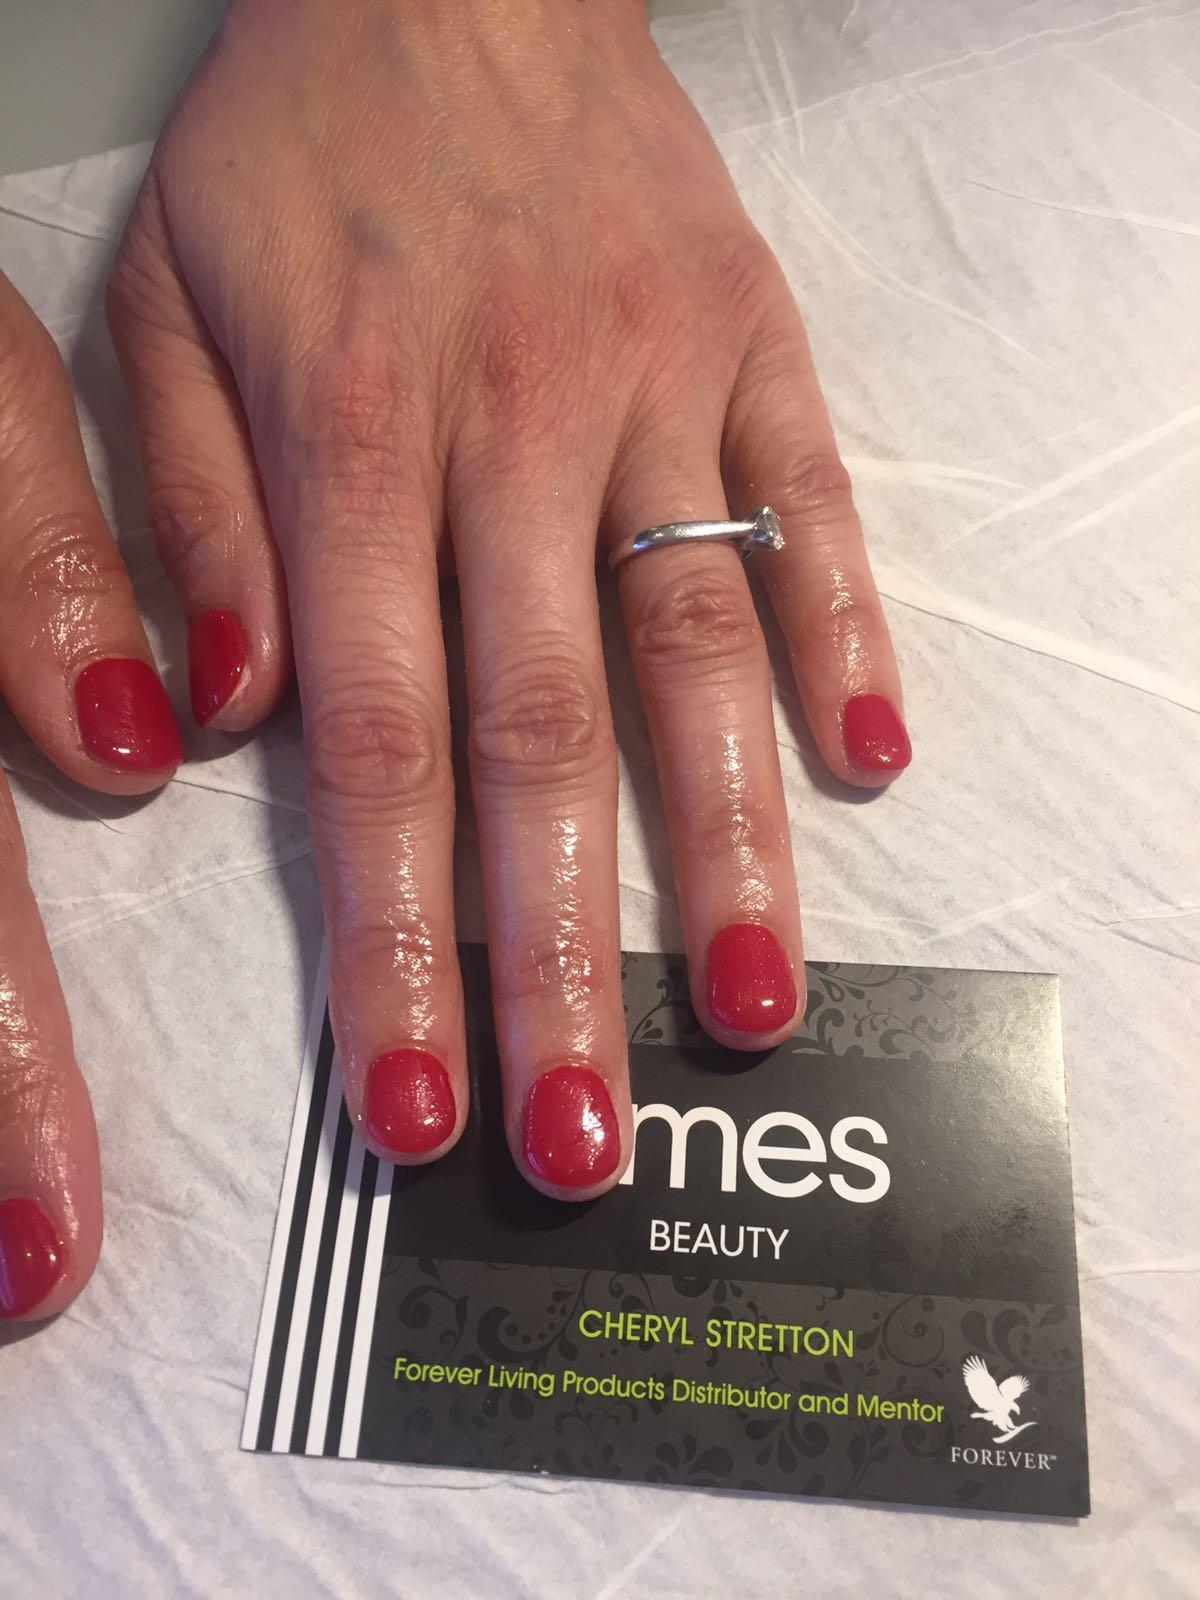 SNS, Manicure & Pedicure available - Birmingham | Limes Beauty ...